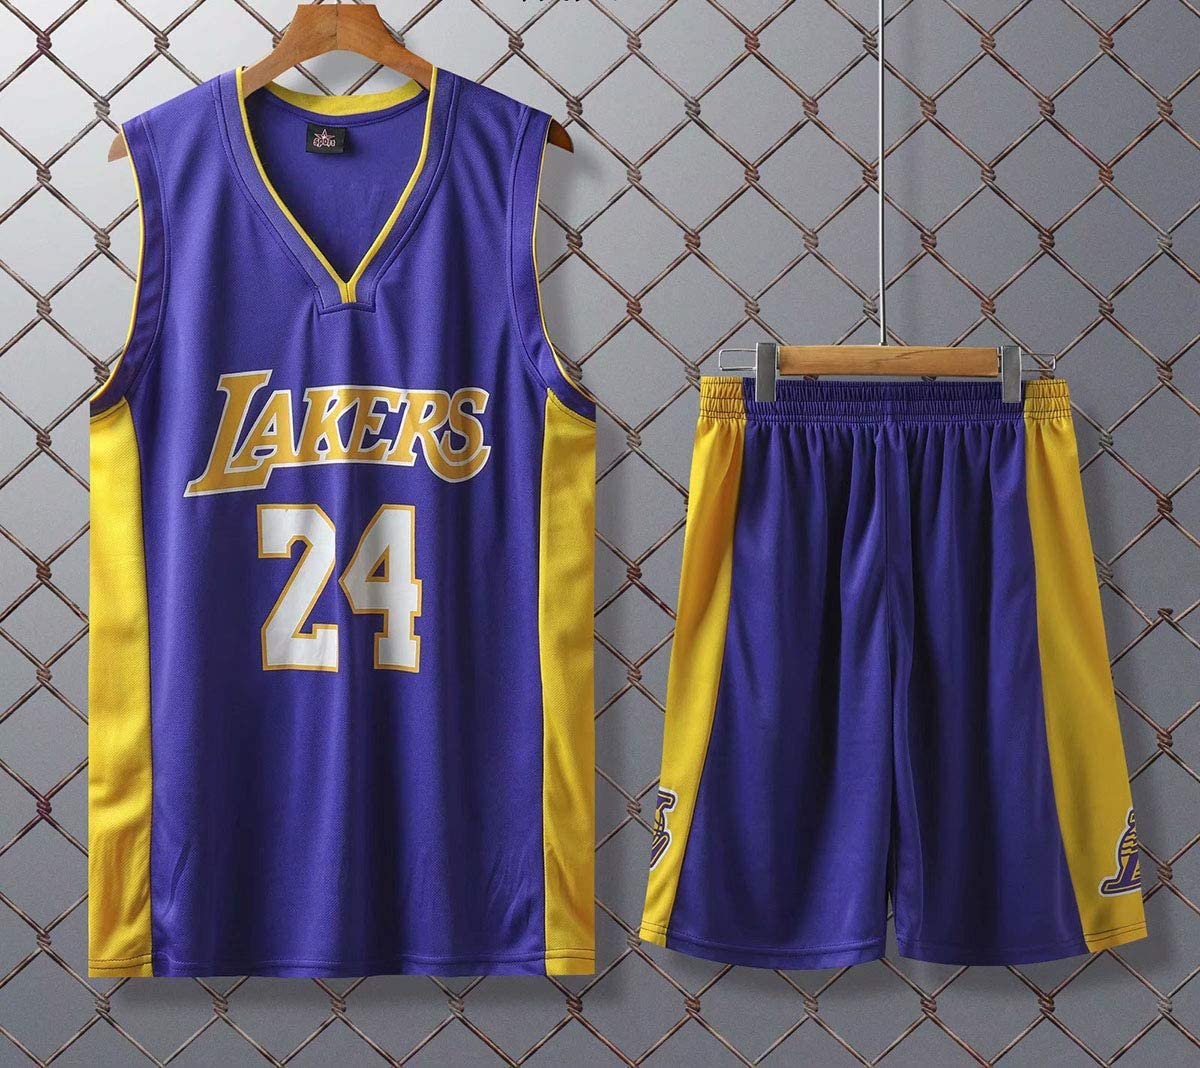 JX-PEP Uniformes de Baloncesto Los Lakers # 24 Retro Baloncesto Jerseys de Verano Fan Camisa Vestido Vestido sin Mangas Ropa Deportiva Transpirable ...